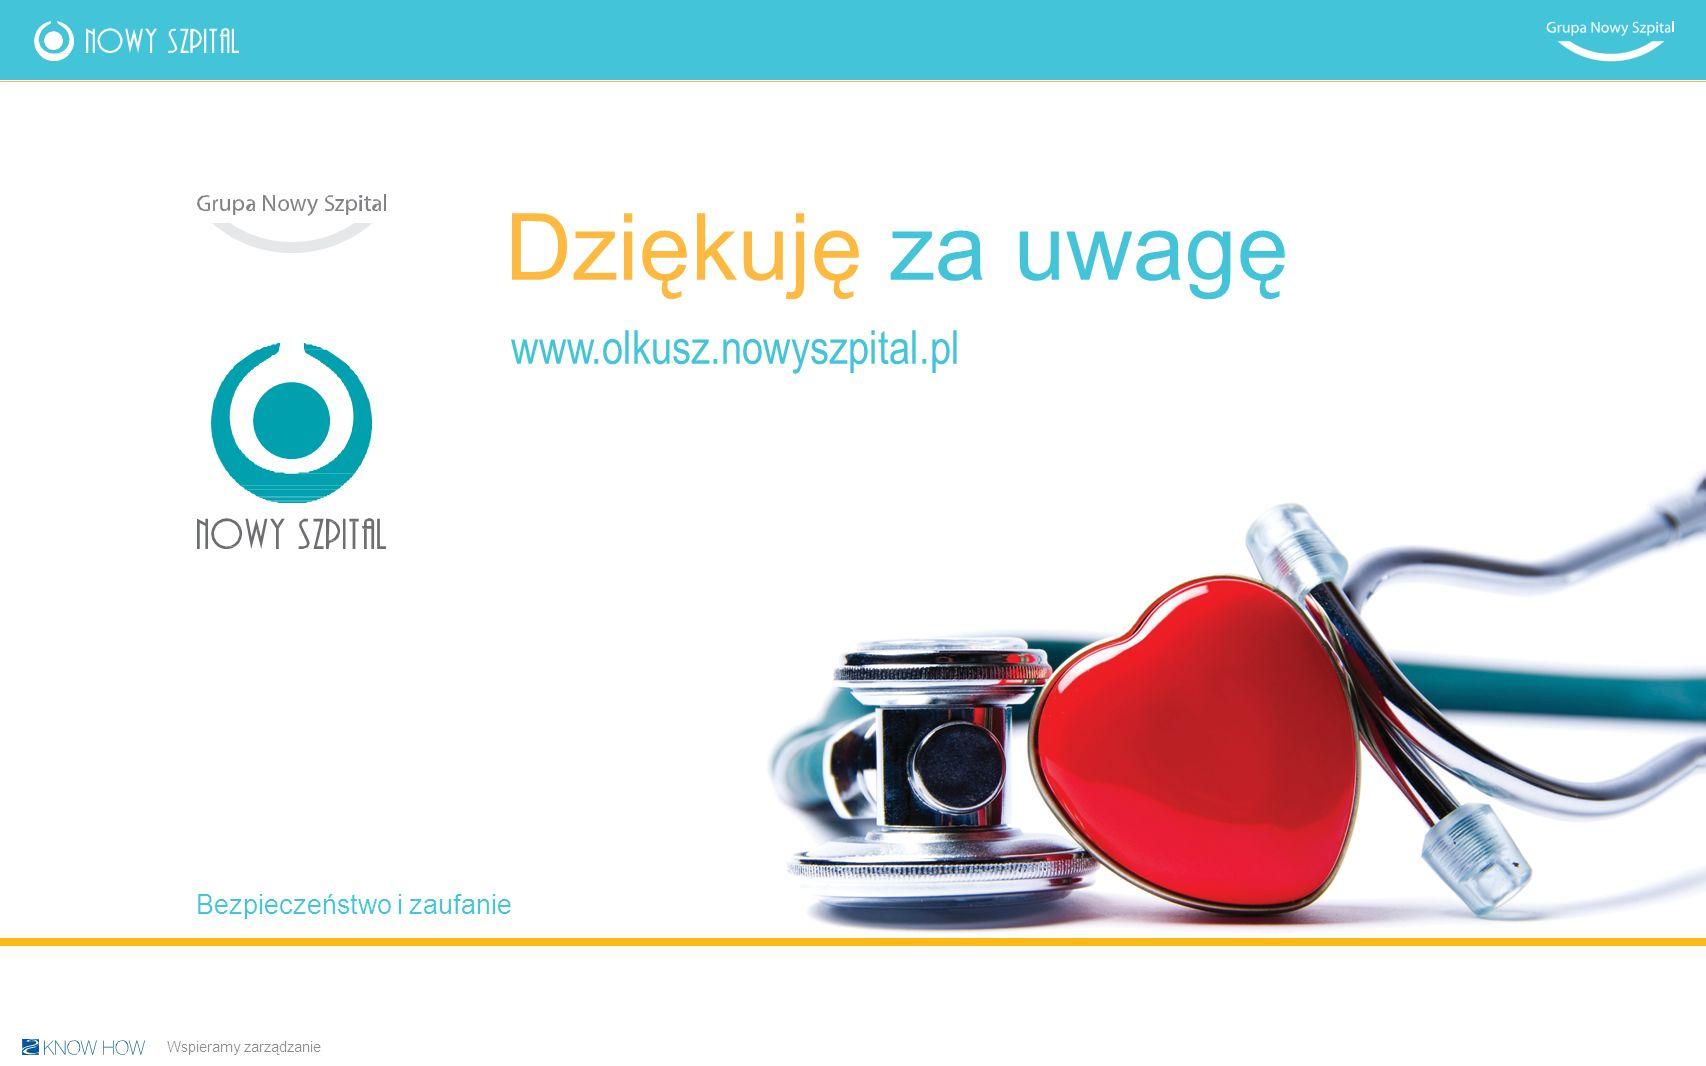 Dziękuję zauwagę www.olkusz.nowyszpital.pl Bezpieczeństwo i zaufanie Wspieramy zarządzanie